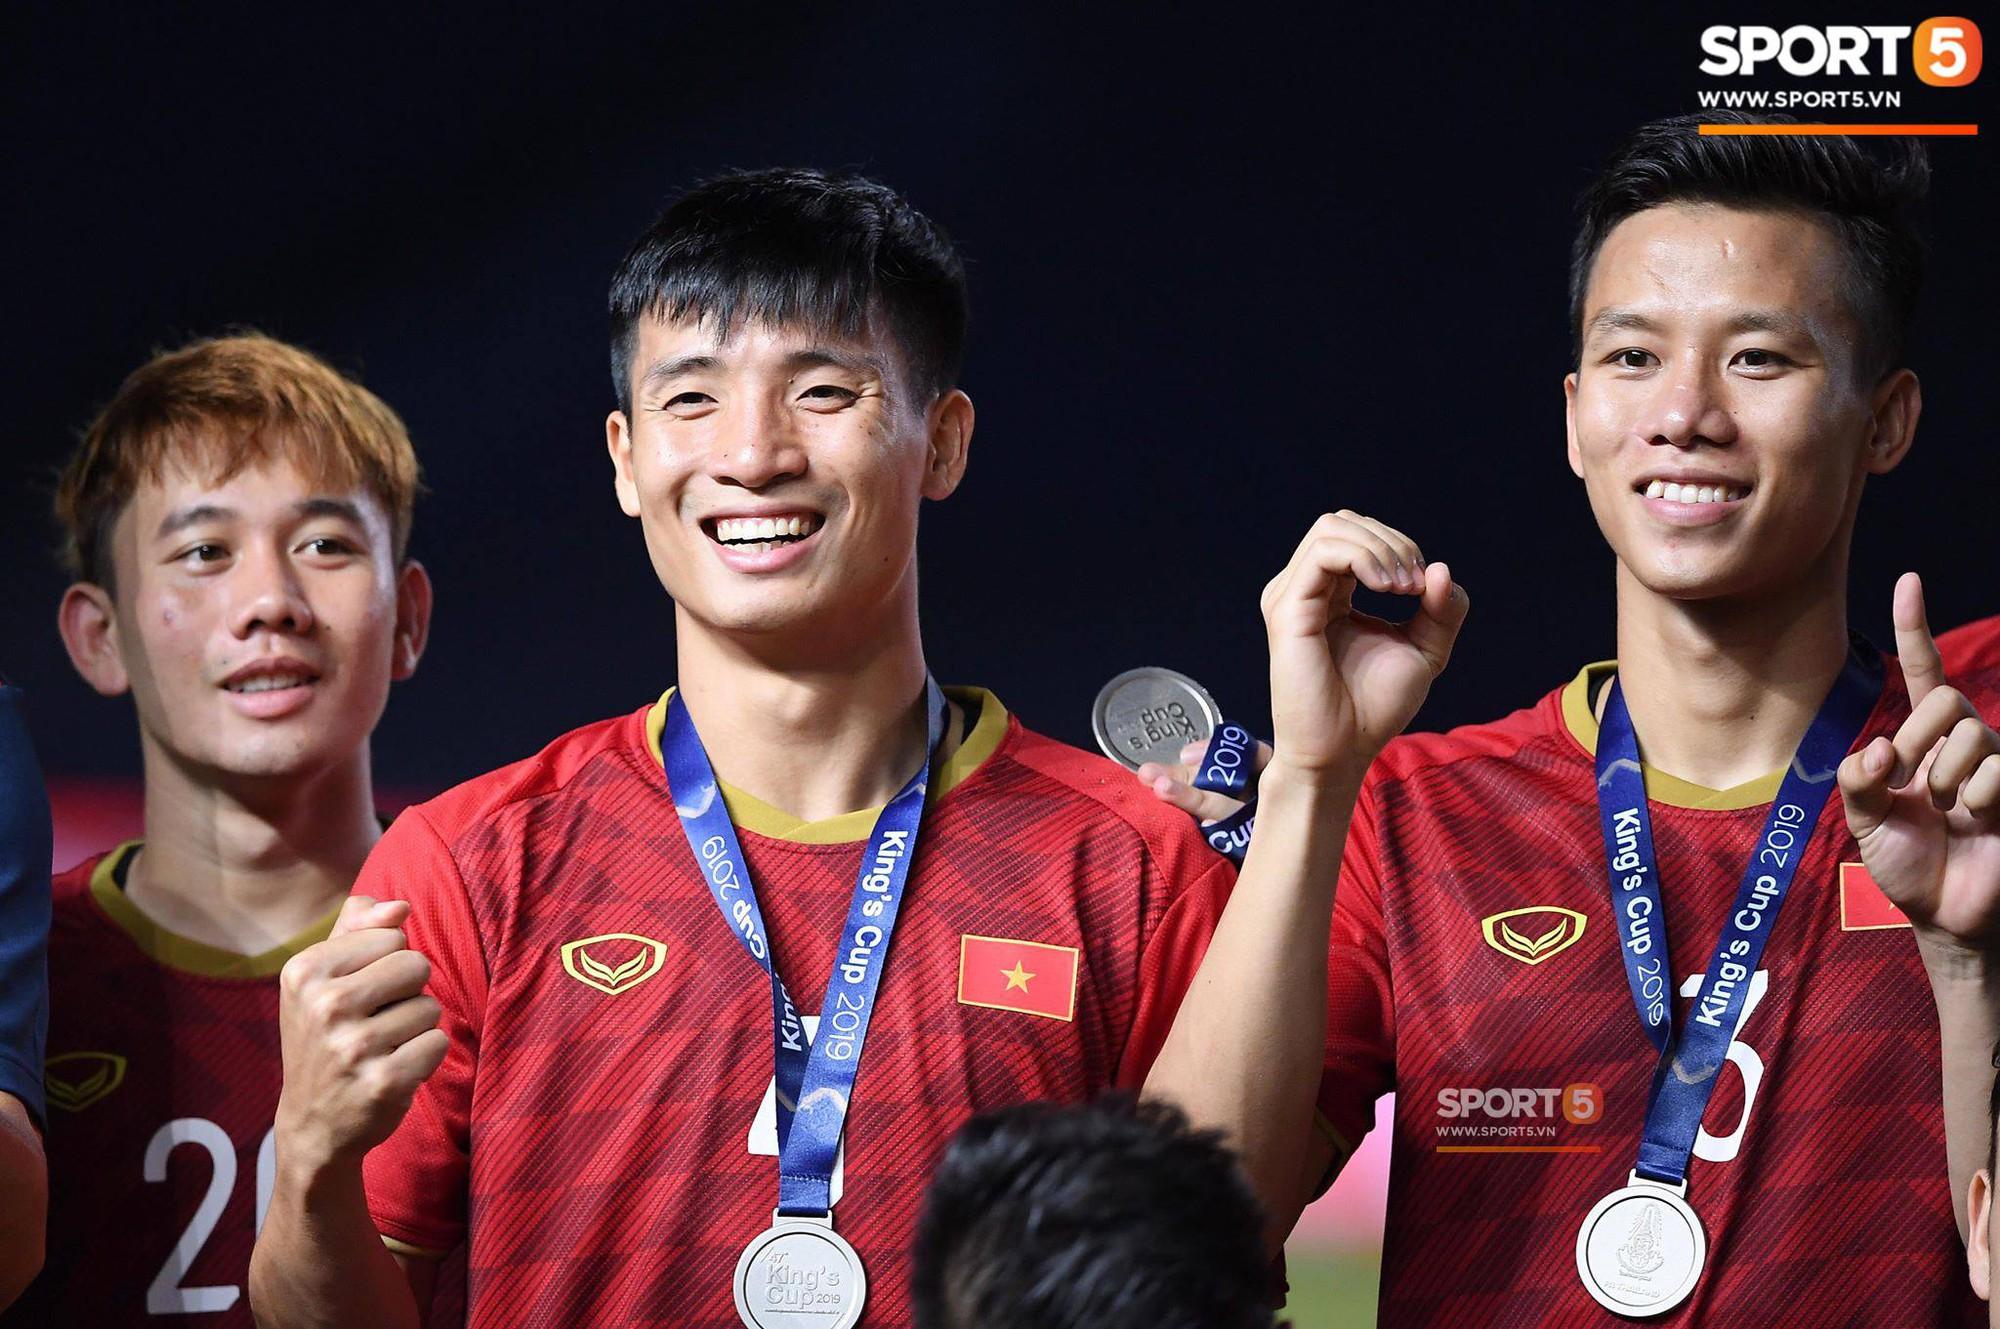 Chẳng cần phải gắt, đội trưởng tuyển Việt Nam chỉ cần hành động thế này thôi đã đủ khiến những fan Thái đội lốt Curacao phải xé lòng - Ảnh 1.